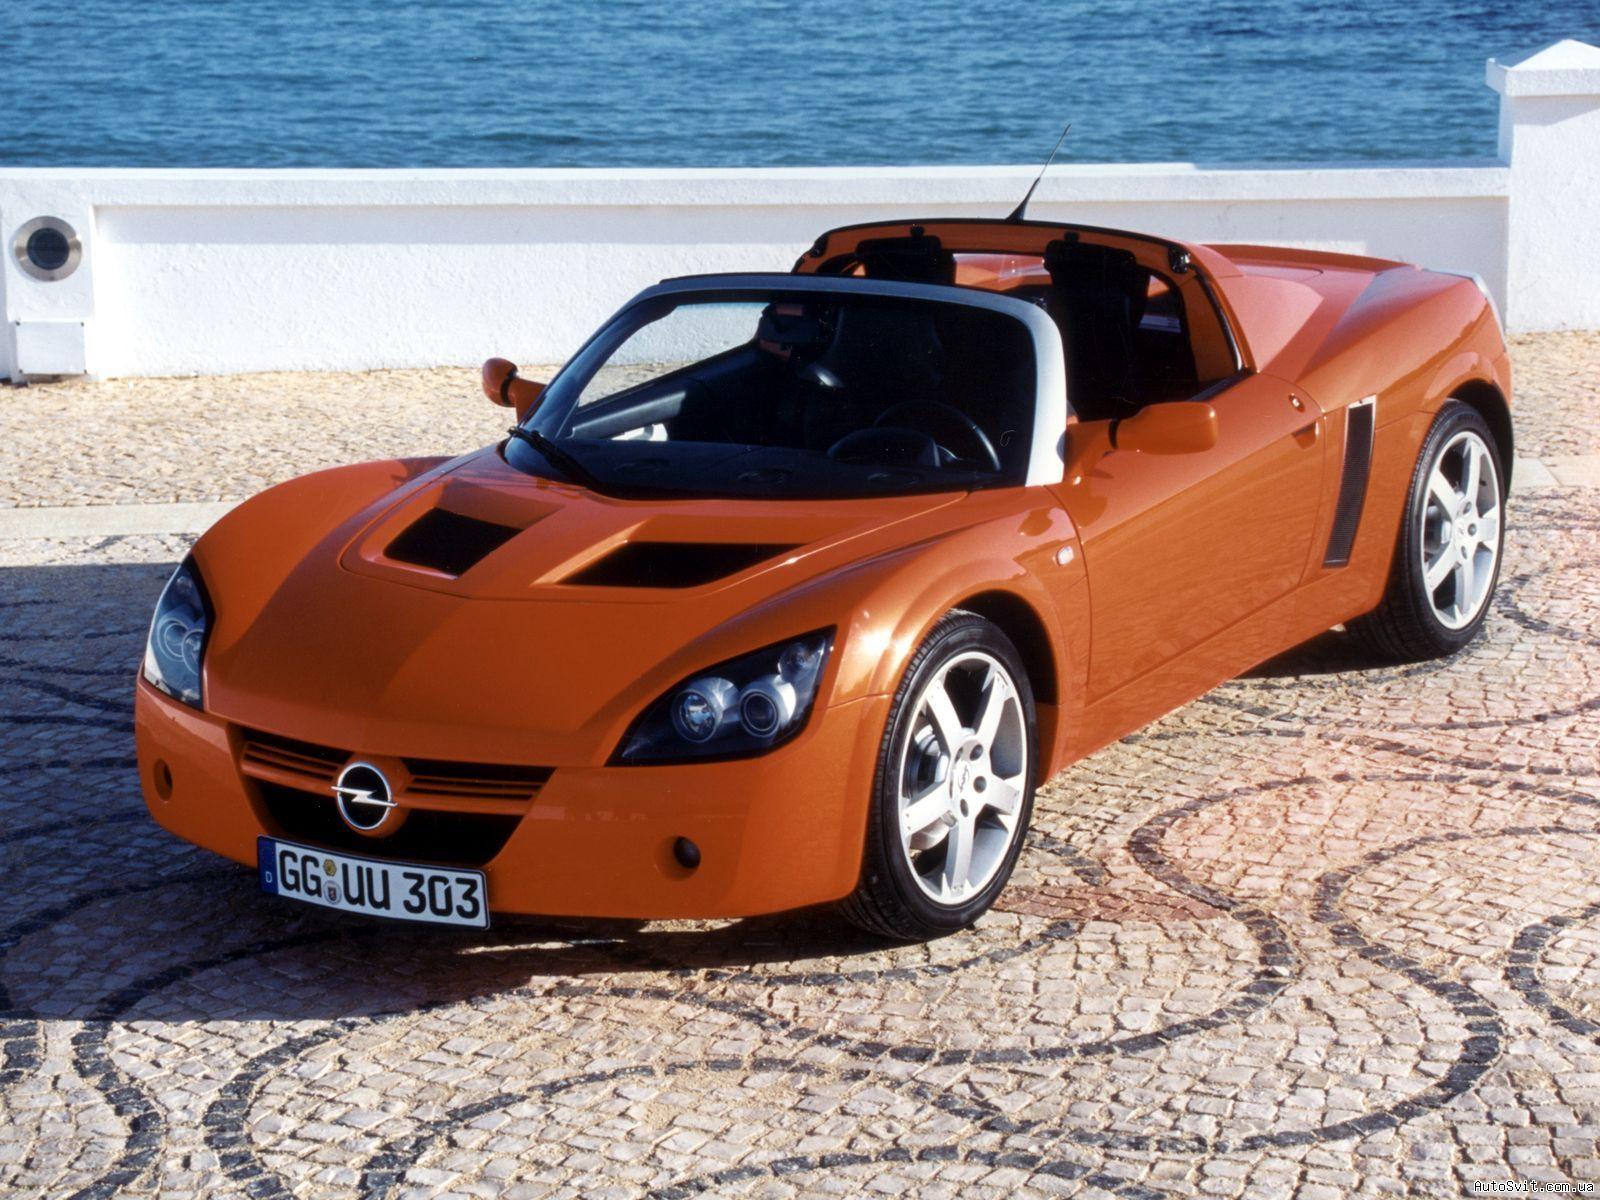 2000 Opel Speedster Fotos Y Ficha Tecnica 337917 Opel Cabrio Cabrio Fahrzeuge